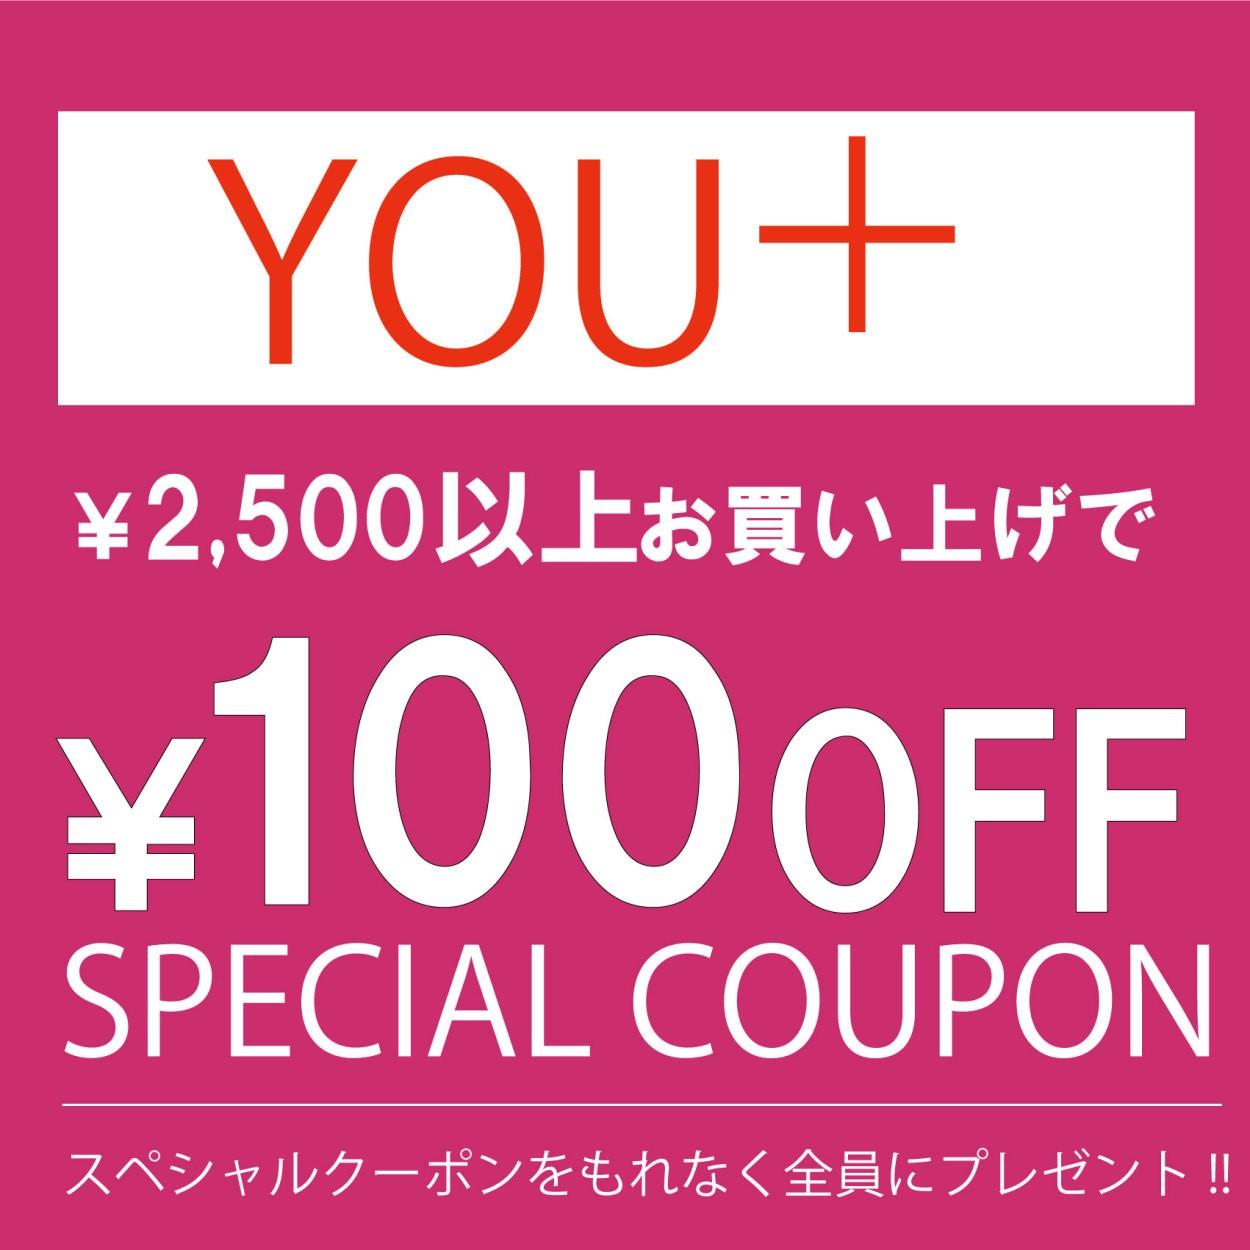 【YOU+】全商品 100円OFF クーポン